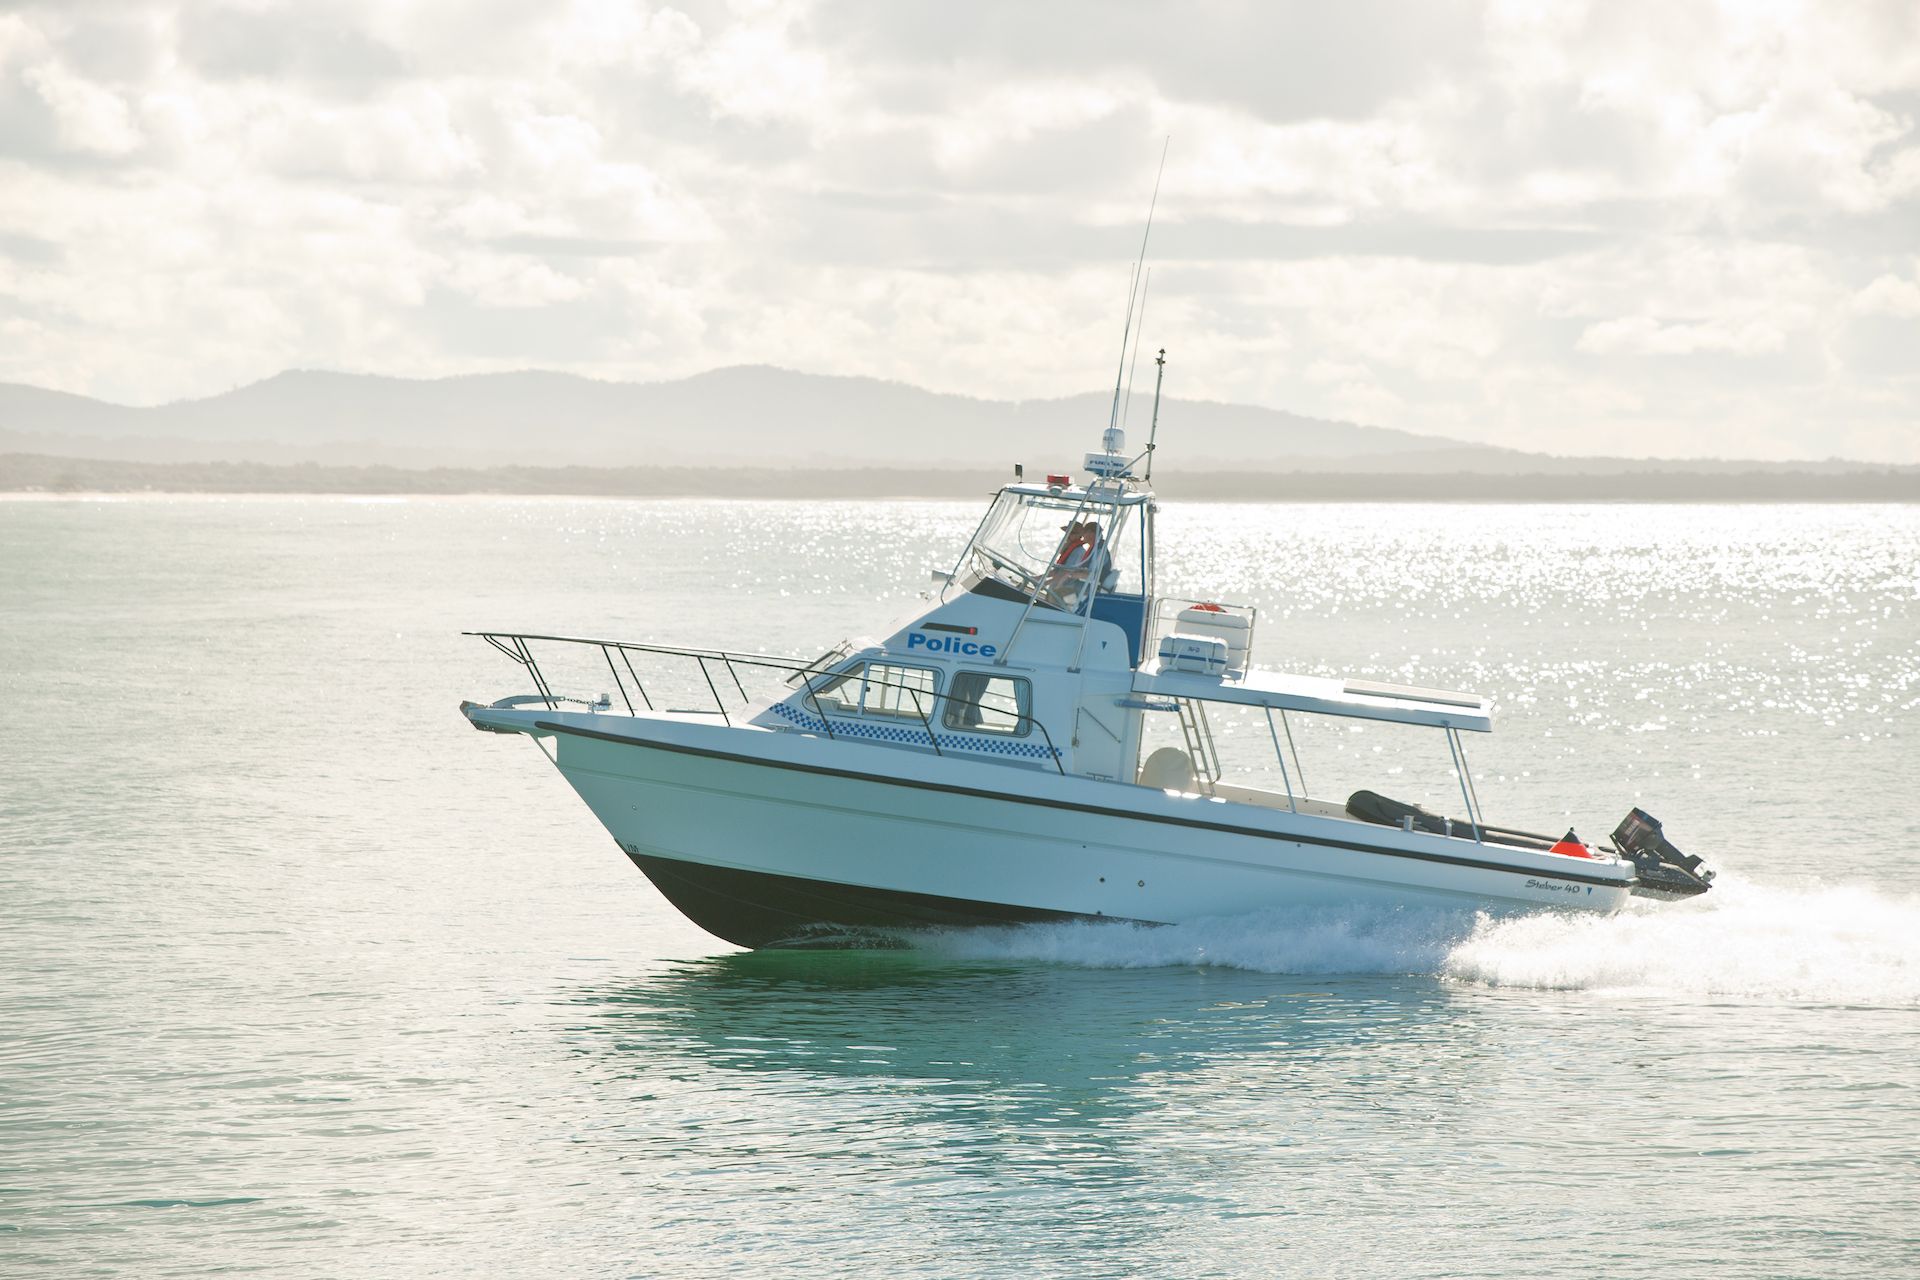 Steber 41 ft Police vessel